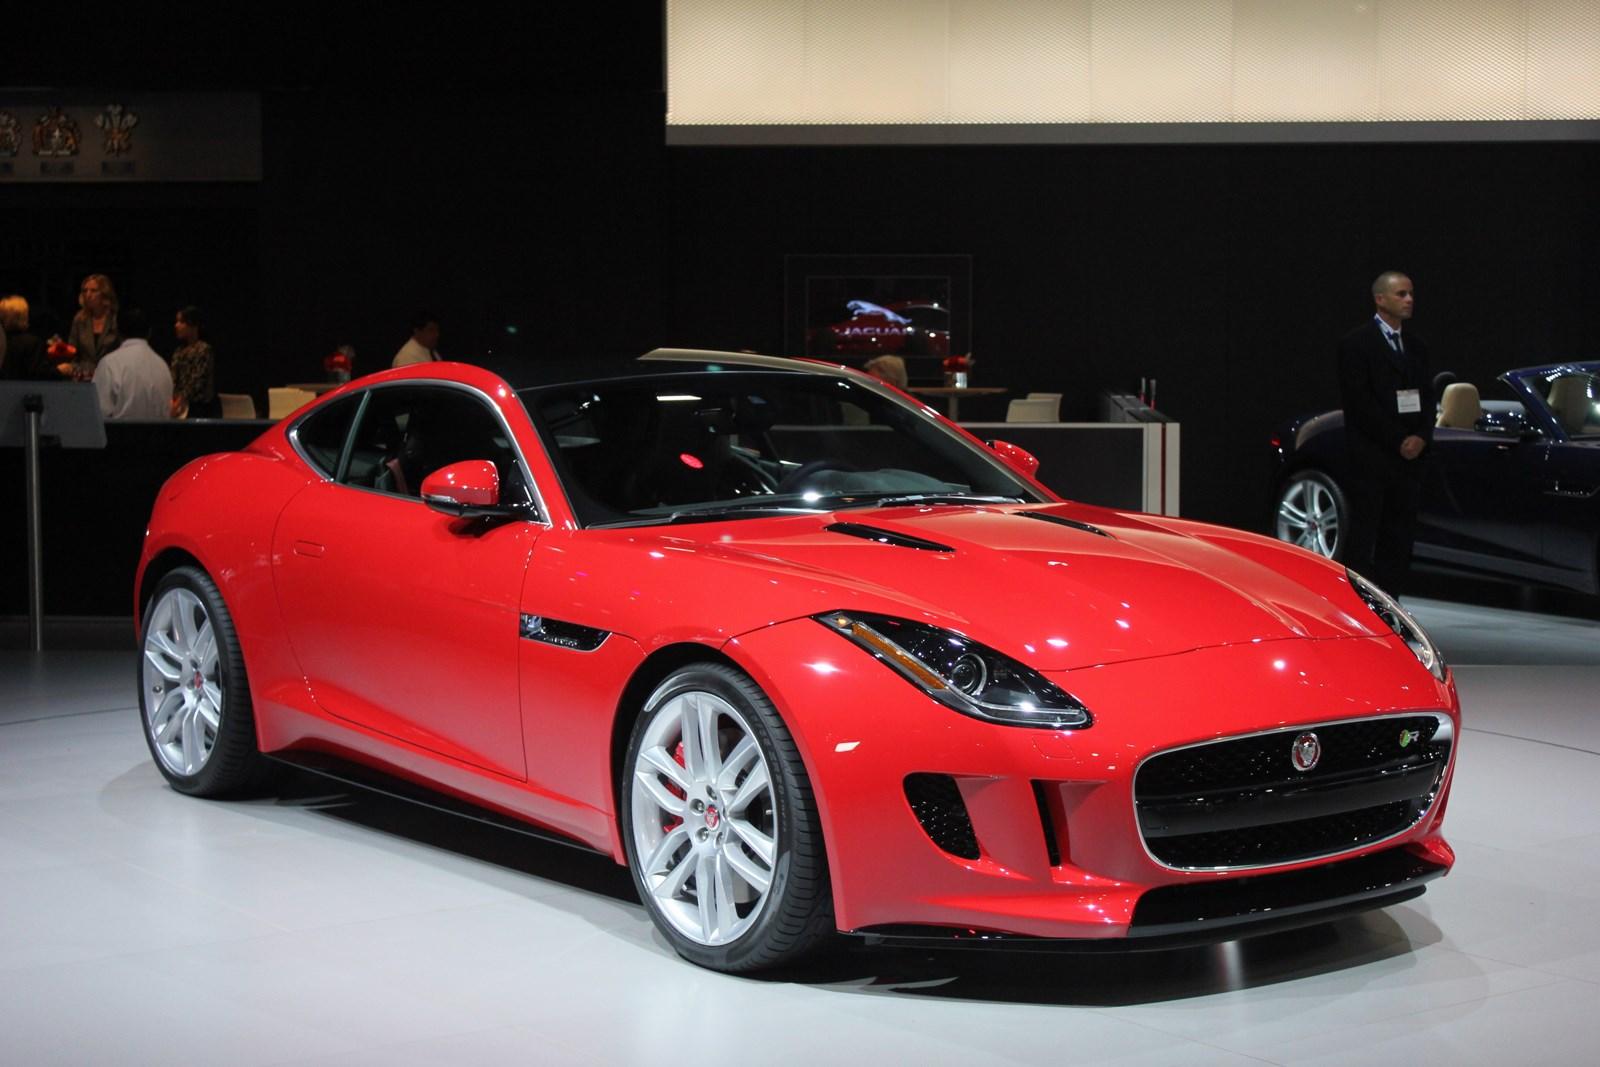 Jaguar F-Type R Coupe at LA Auto Show front three quarters left